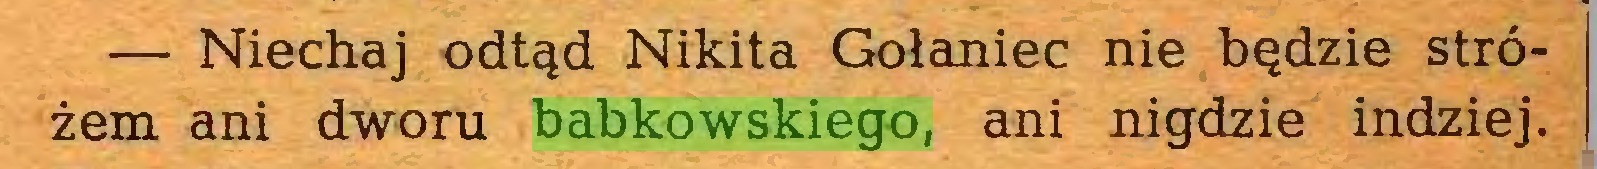 (...) — Niechaj odtąd Nikita Gołaniec nie będzie stróżem ani dworu babkowskiego, ani nigdzie indziej...